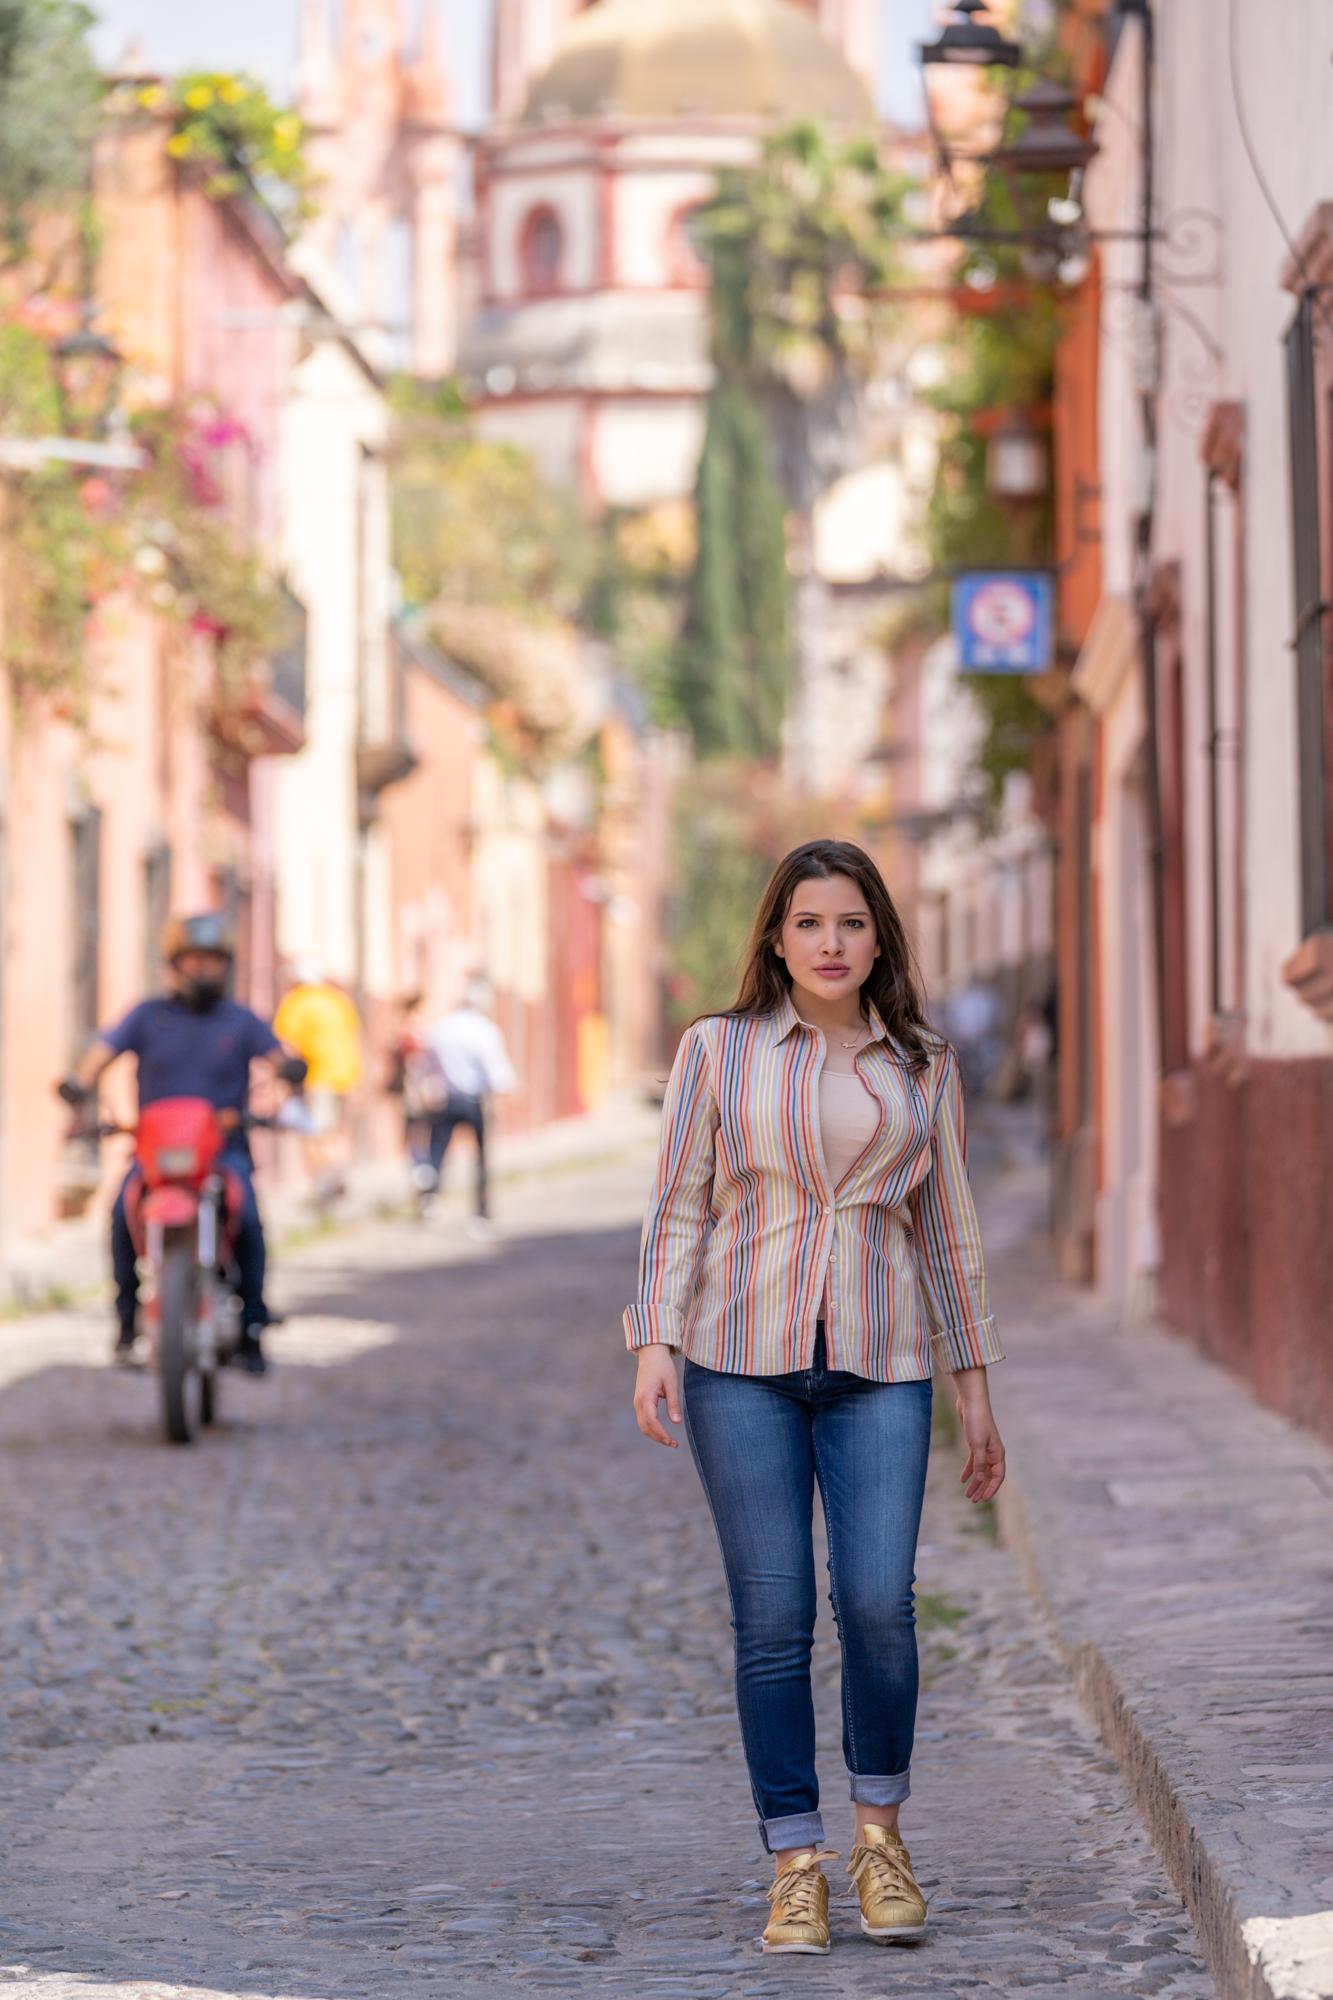 Sesion de Fotos en San Miguel de Allende con Rogelio y su Fmailia-42.jpg